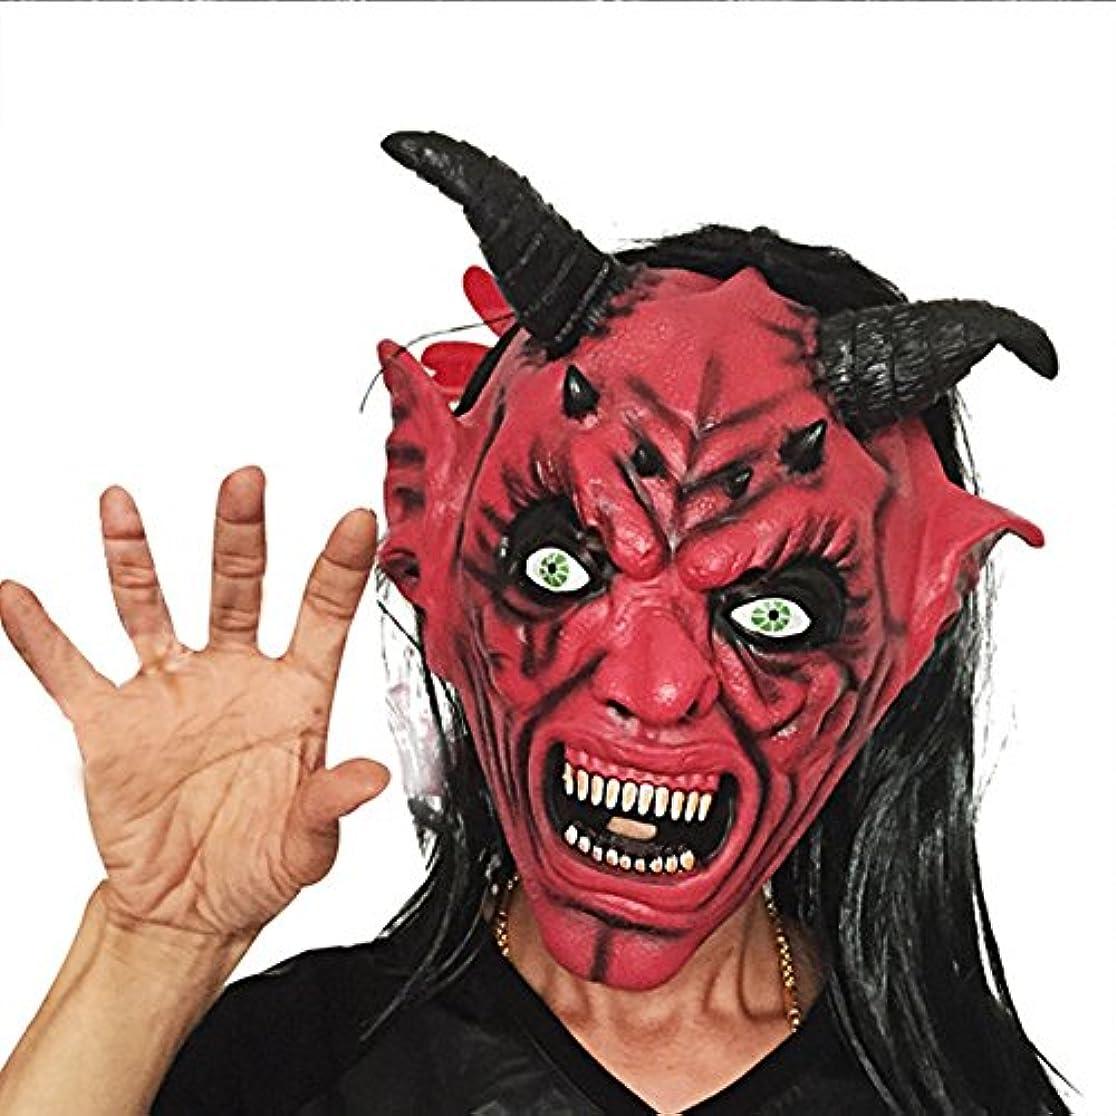 パケットお別れ専門知識ハロウィンロングヘアレッドフェイスホーンマスクカーニバルバー怖い悪魔怖いセットレッドフェイスブラックマスク